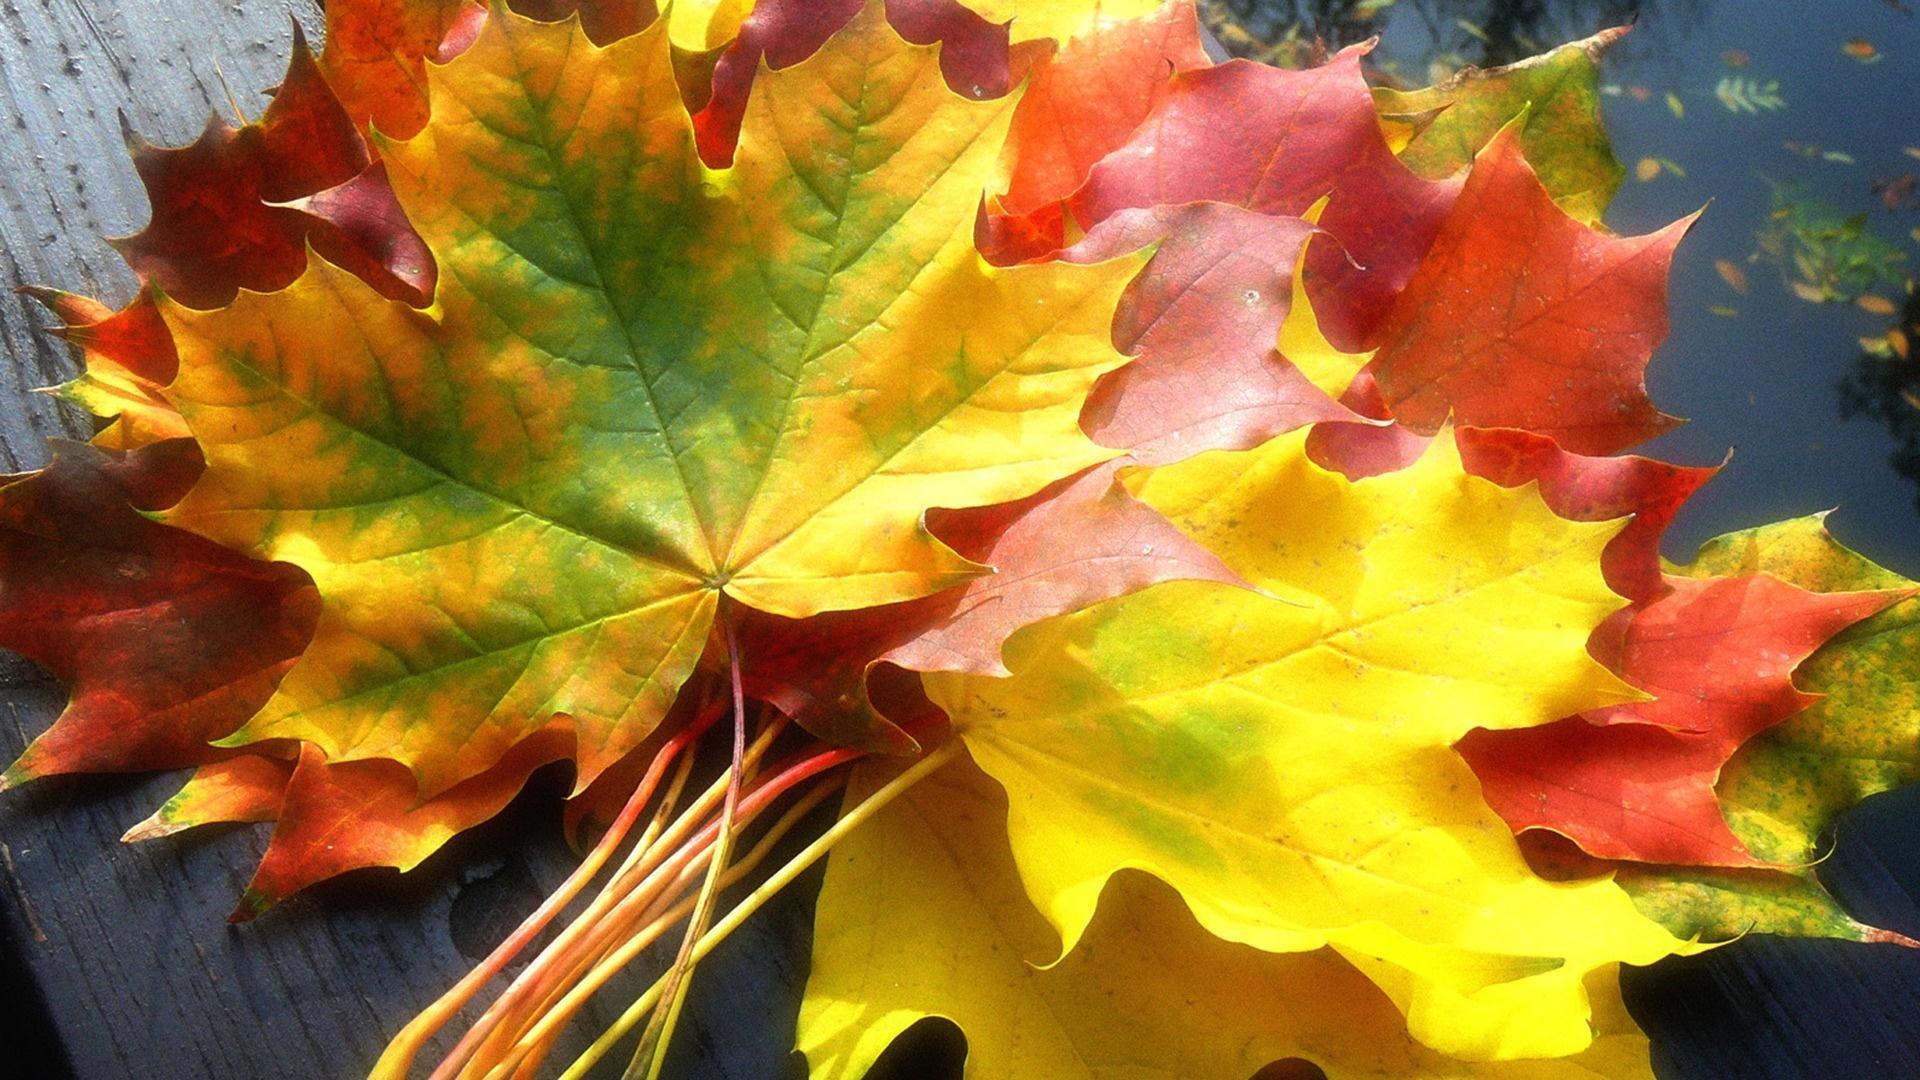 Букет из кленовых листьев 1920x1080